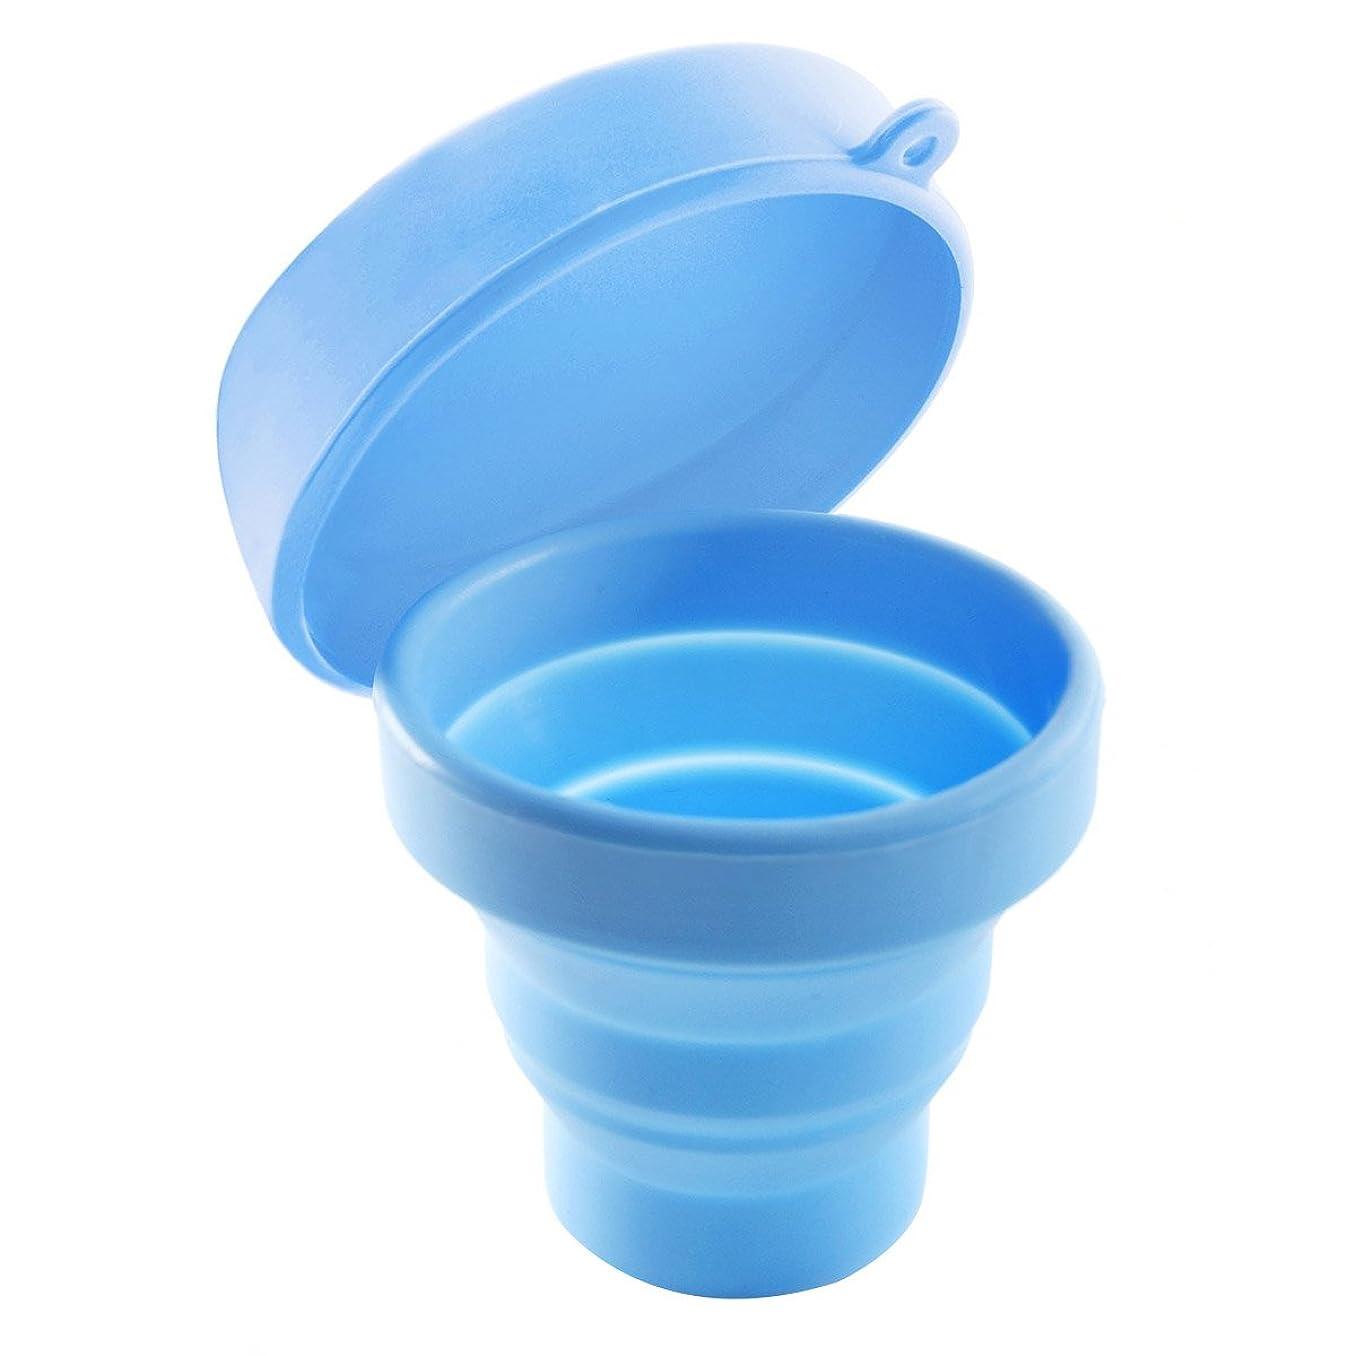 プラグ寝具仲間ROSENICE 折りたたみ式カップ(蓋付き)ポータブルポップアップカップ(キャンプ用)ピクニックハイキングアウトドアアクティビティ(ブルー)